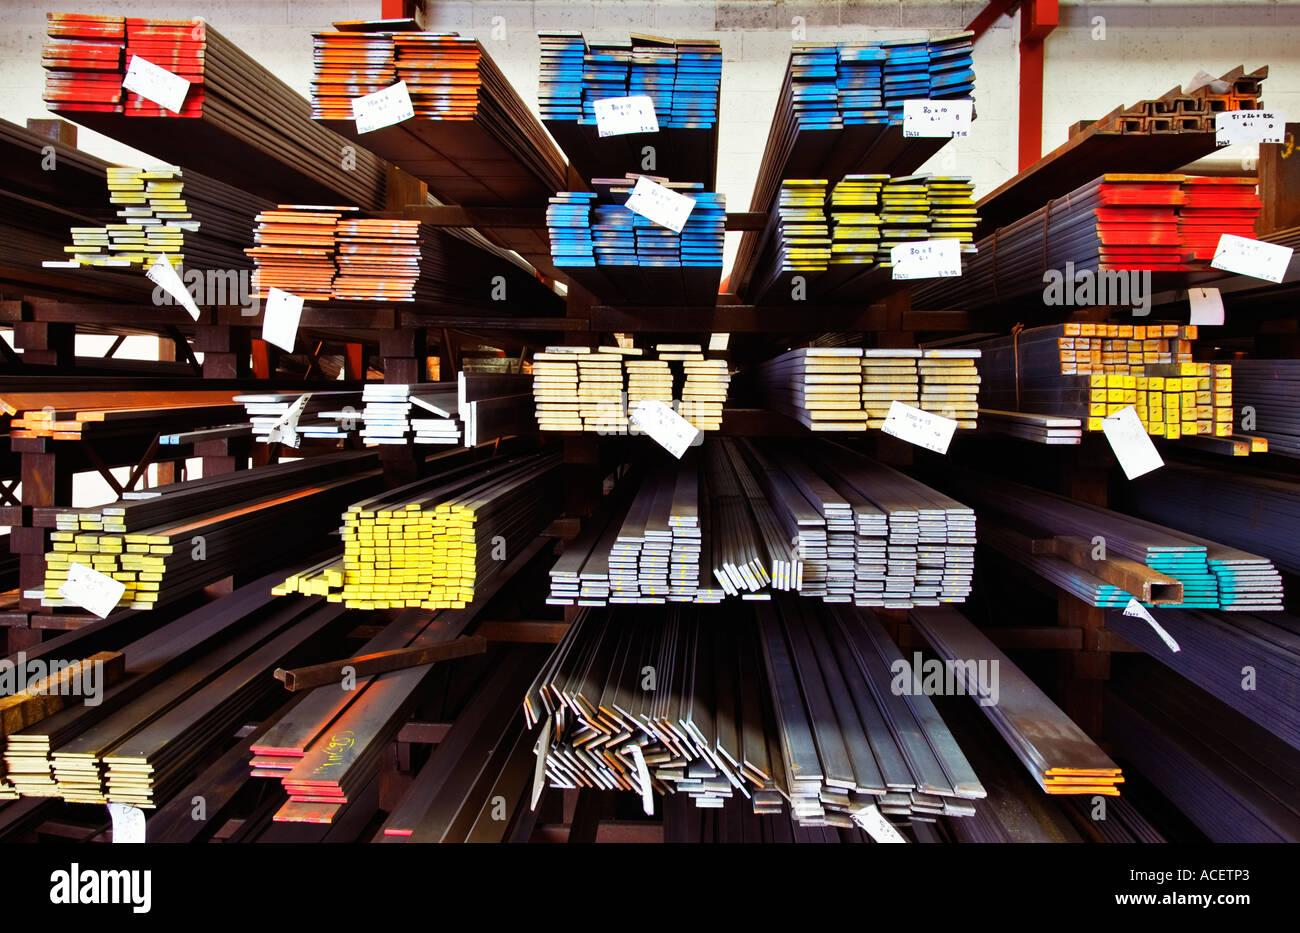 L'industrie, UK - poutrelles sur un rack dans une entreprise manufacturière, UK Photo Stock